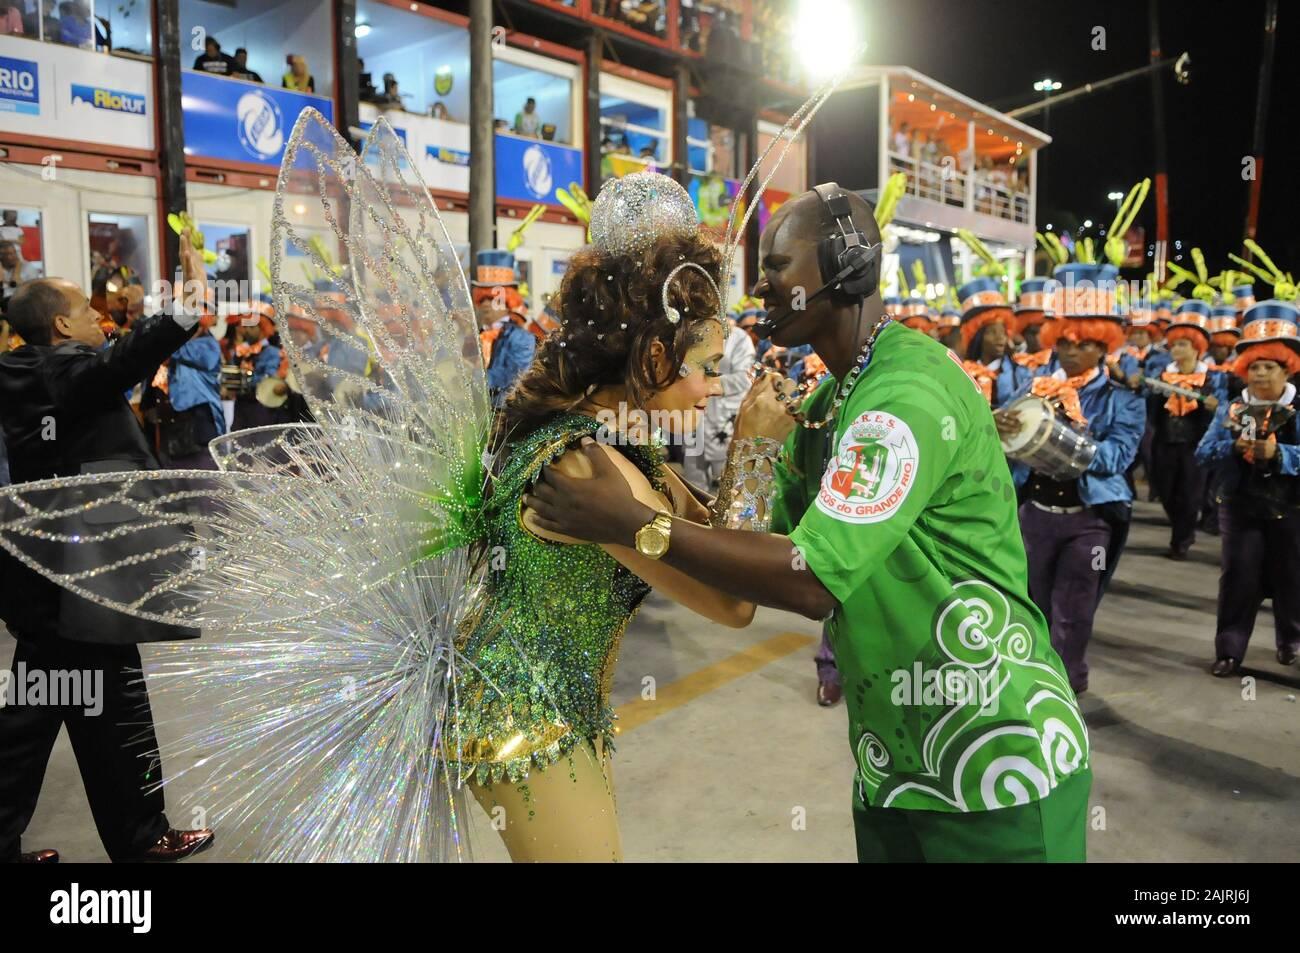 Río de Janeiro, Brasil, 3 de marzo de 2014. Desfile de las escuelas de samba durante el carnaval de Río de Janeiro, en el Sambódromo, en la ciudad de Río de Janeiro. Foto de stock